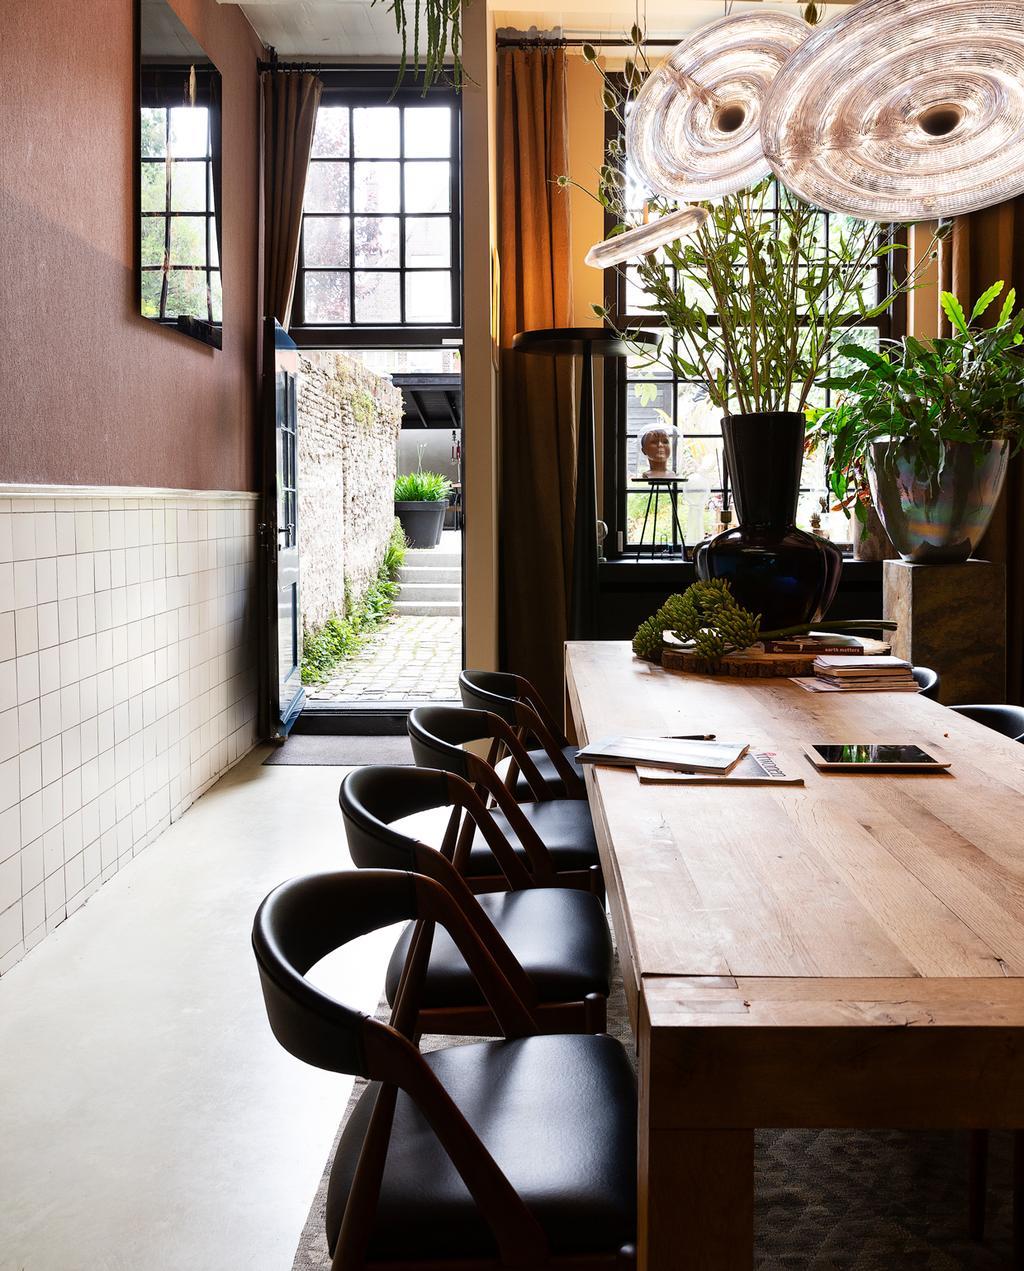 vtwonen 1-2020 | Binnenkijker in een grachtenpand in Delft eetkamer